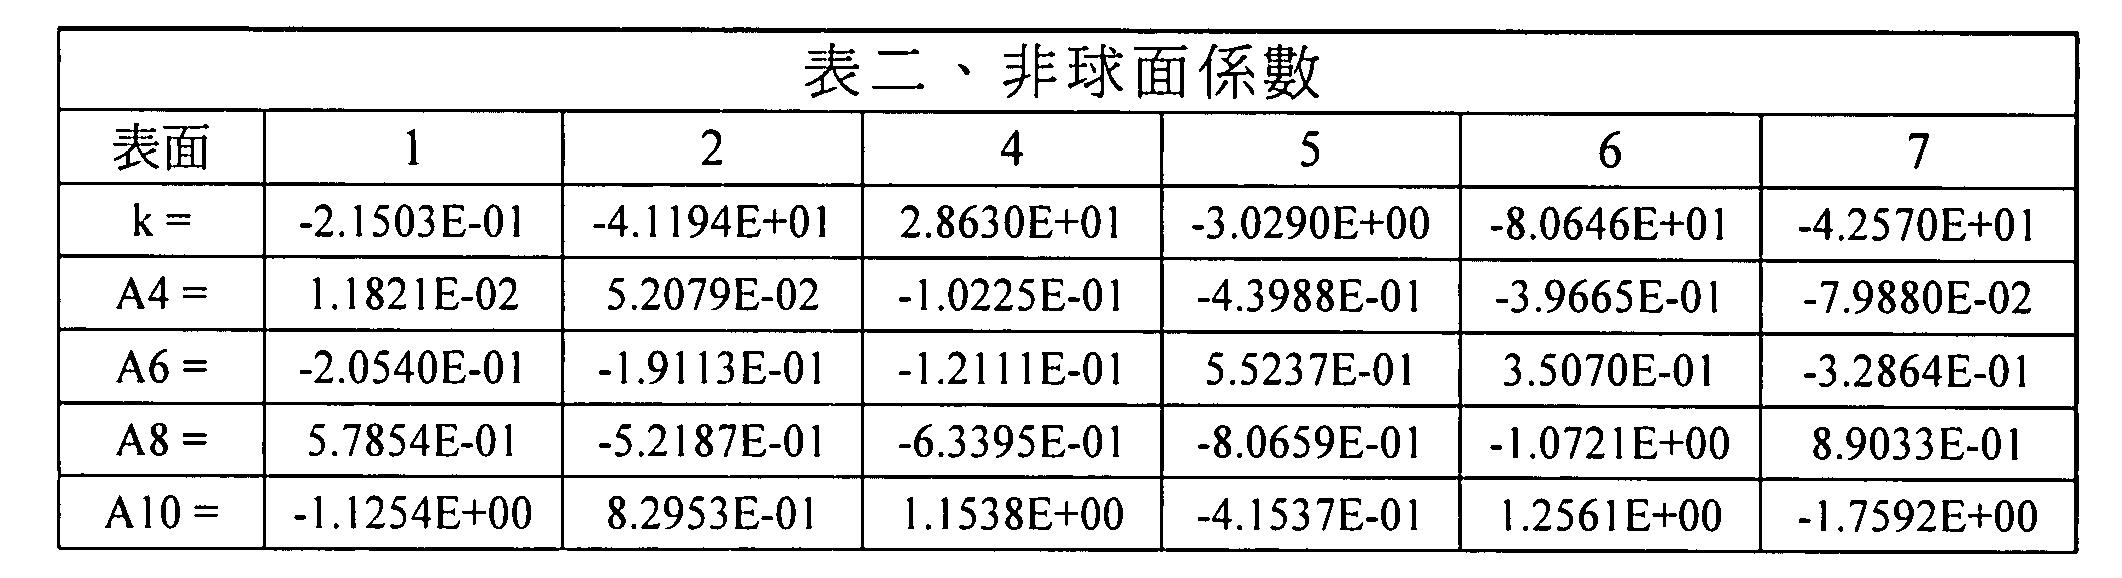 Figure TWI610090BD00006